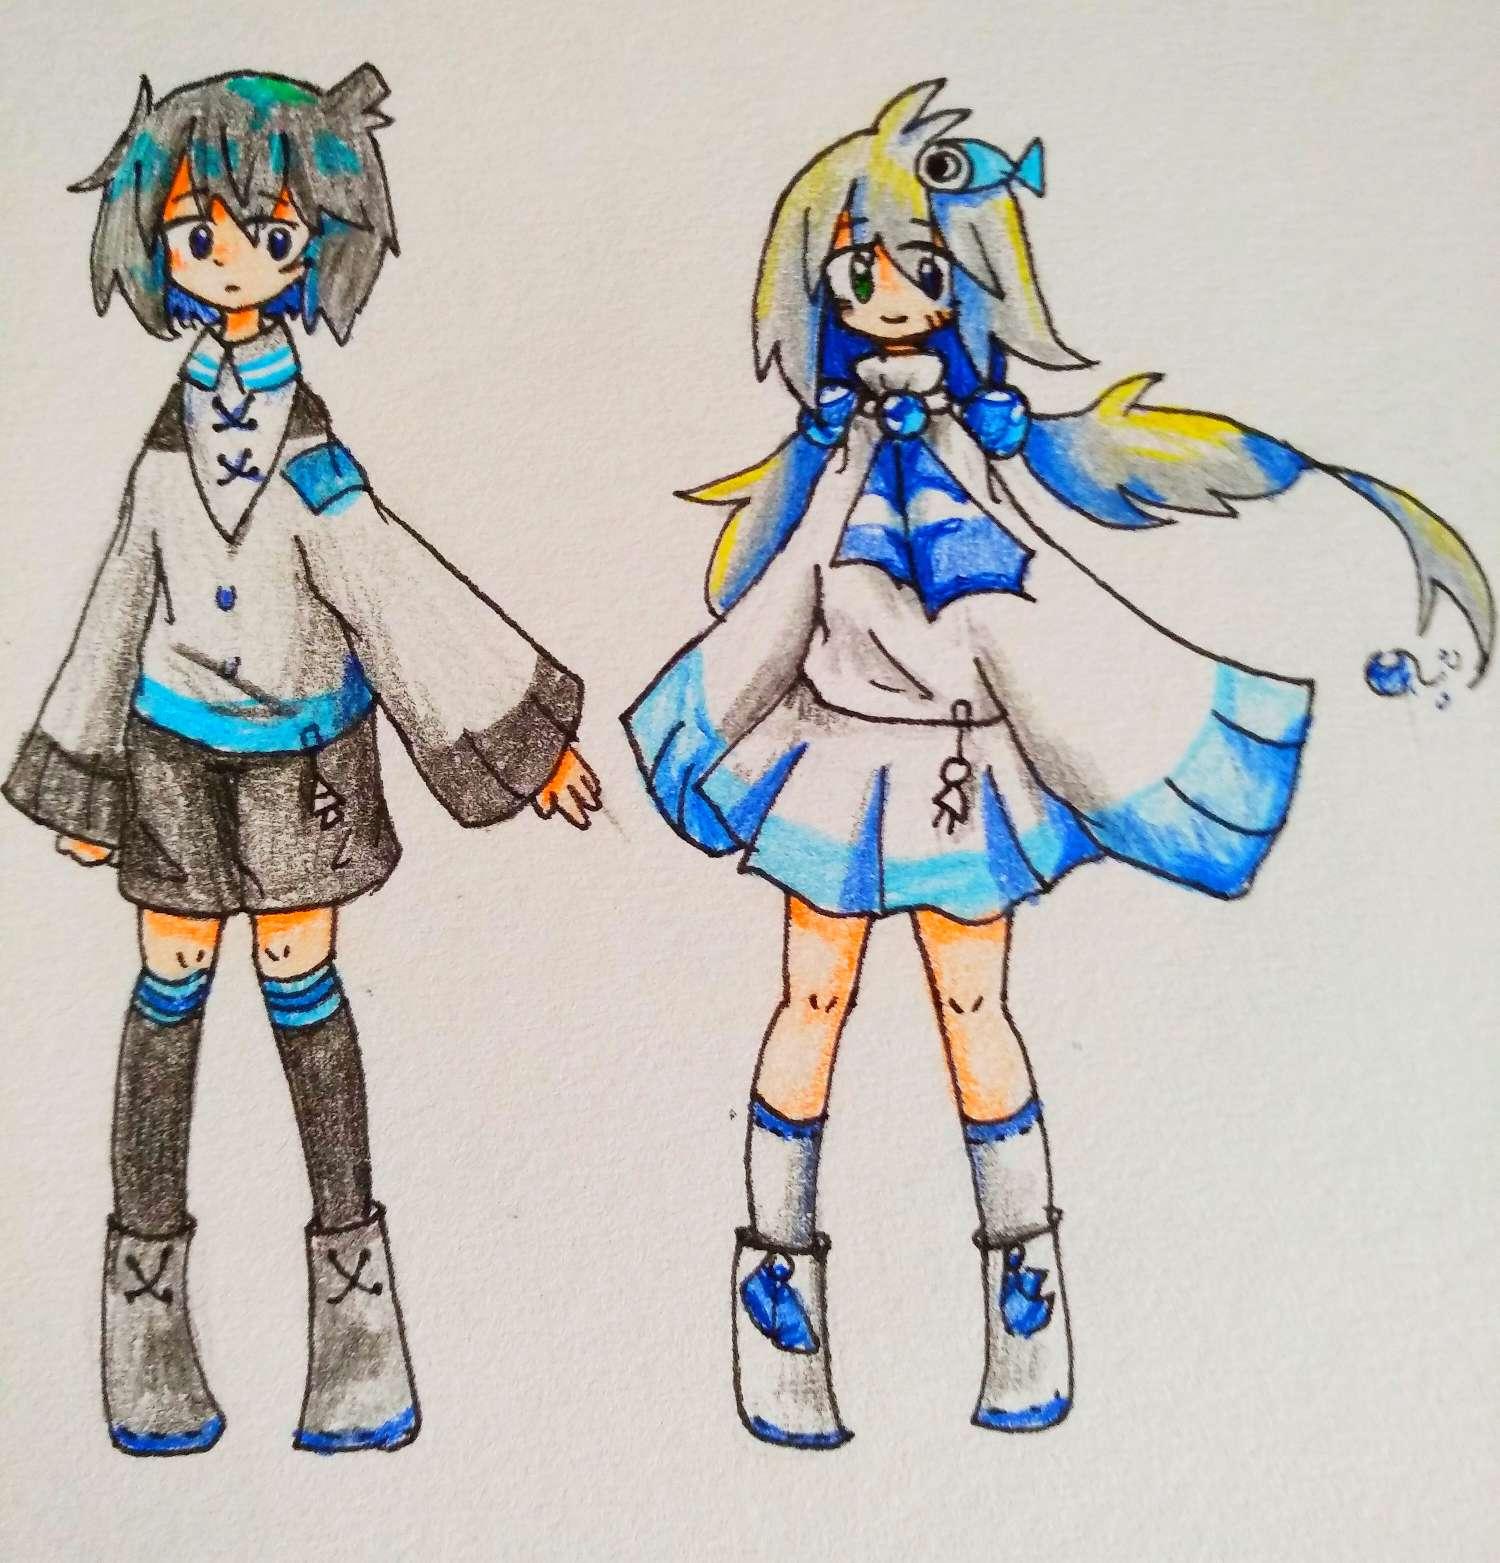 【手绘】《关于我放学路上遇到人鱼女孩子这件事》-小柚妹站